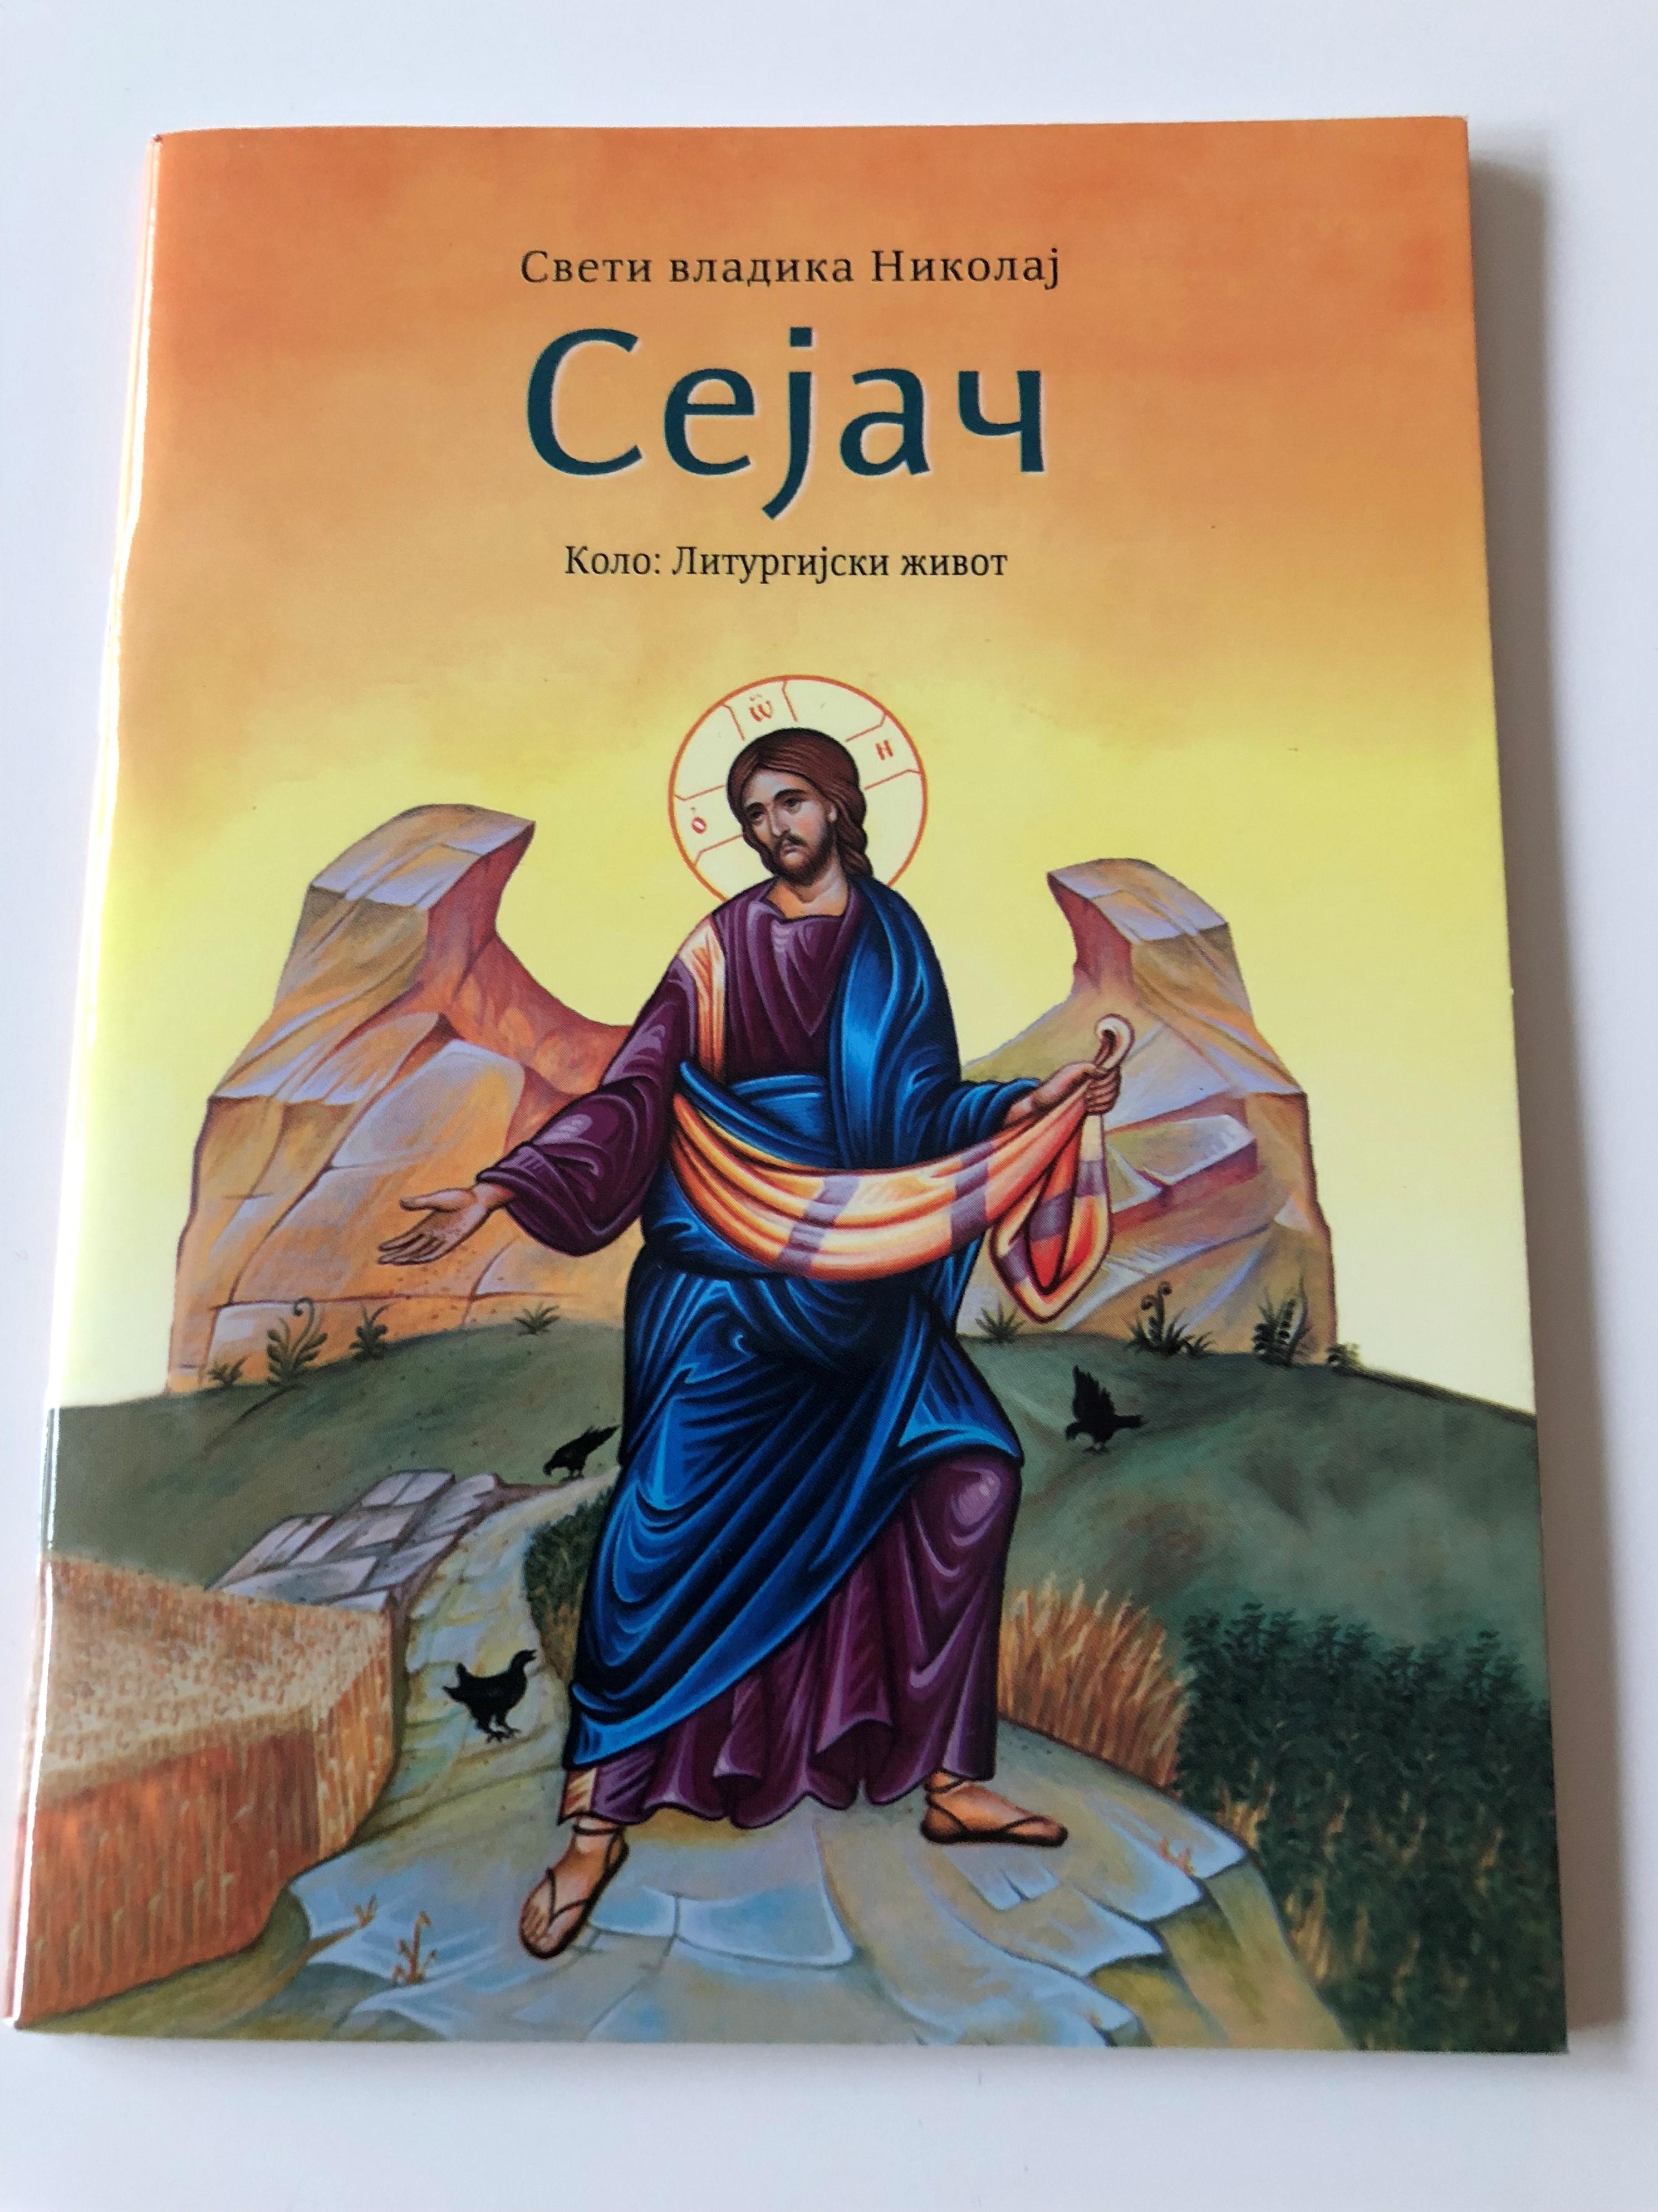 serbian-jesus-parable-of-sower-of-seeds-orthodox-storybook-1-.jpg